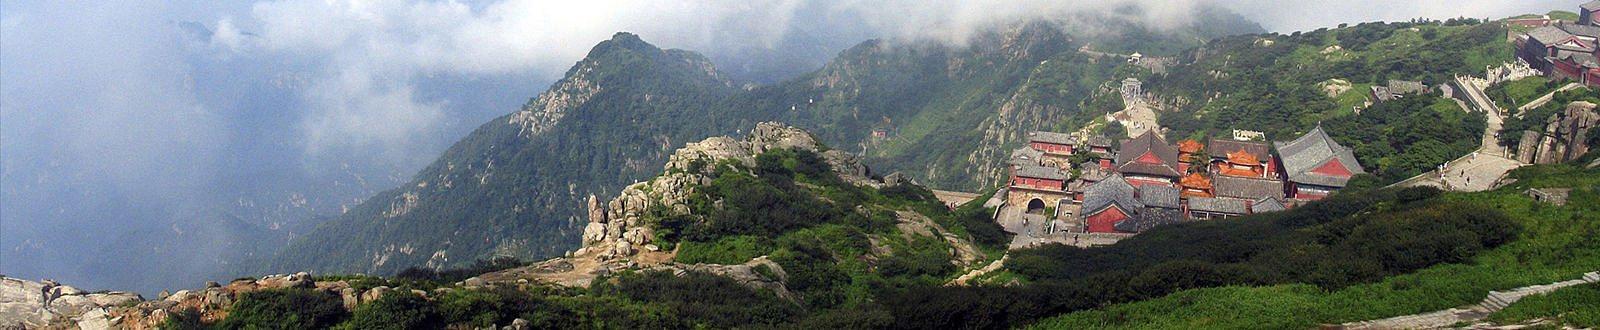 泰山の画像 p1_7